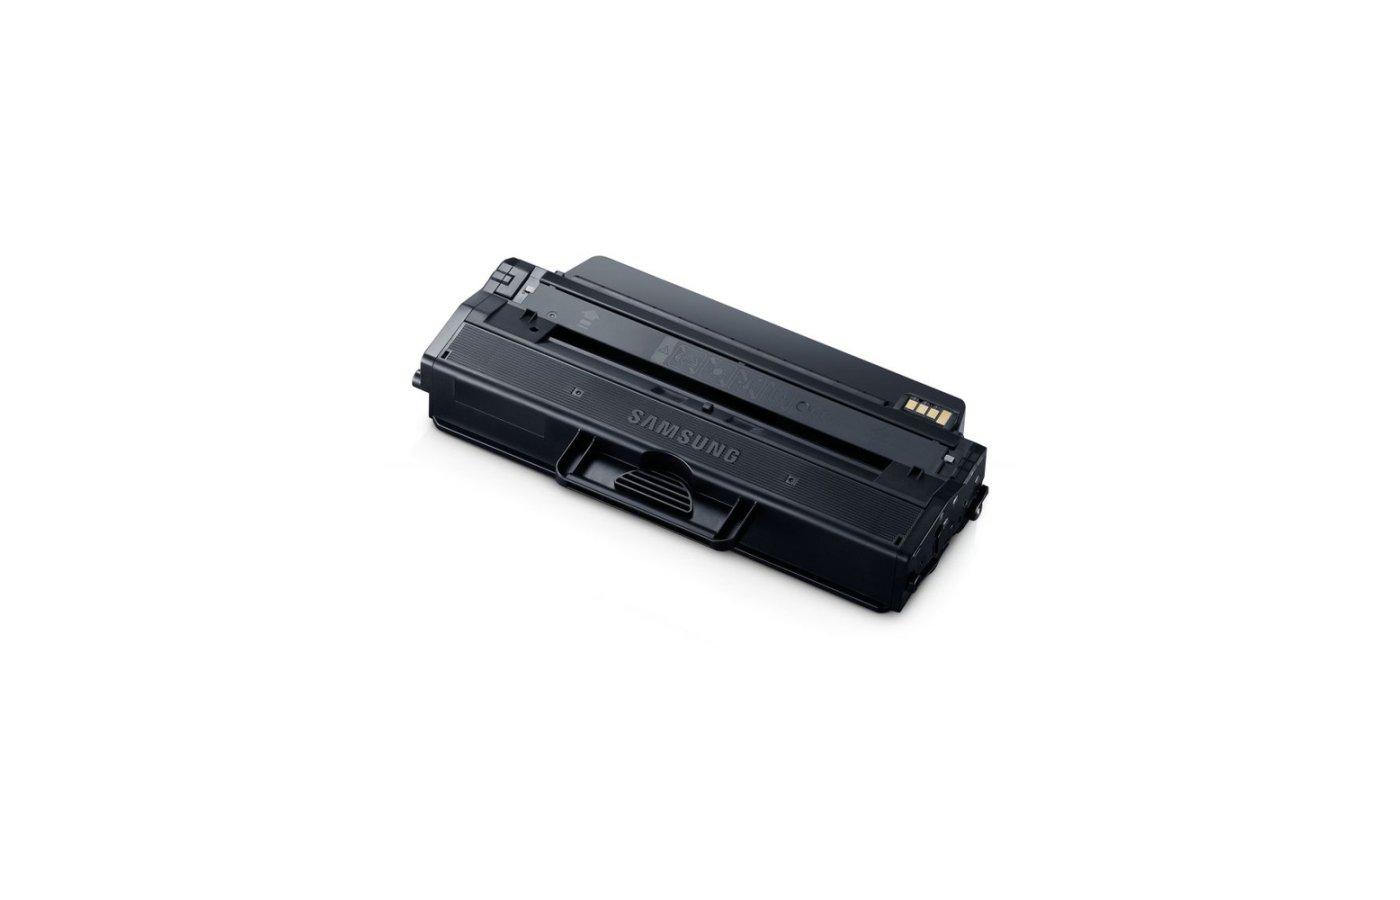 Картридж лазерный Samsung MLT-D115L черный для SL-M2620D/M2820ND/M2820DW (2500стр.)